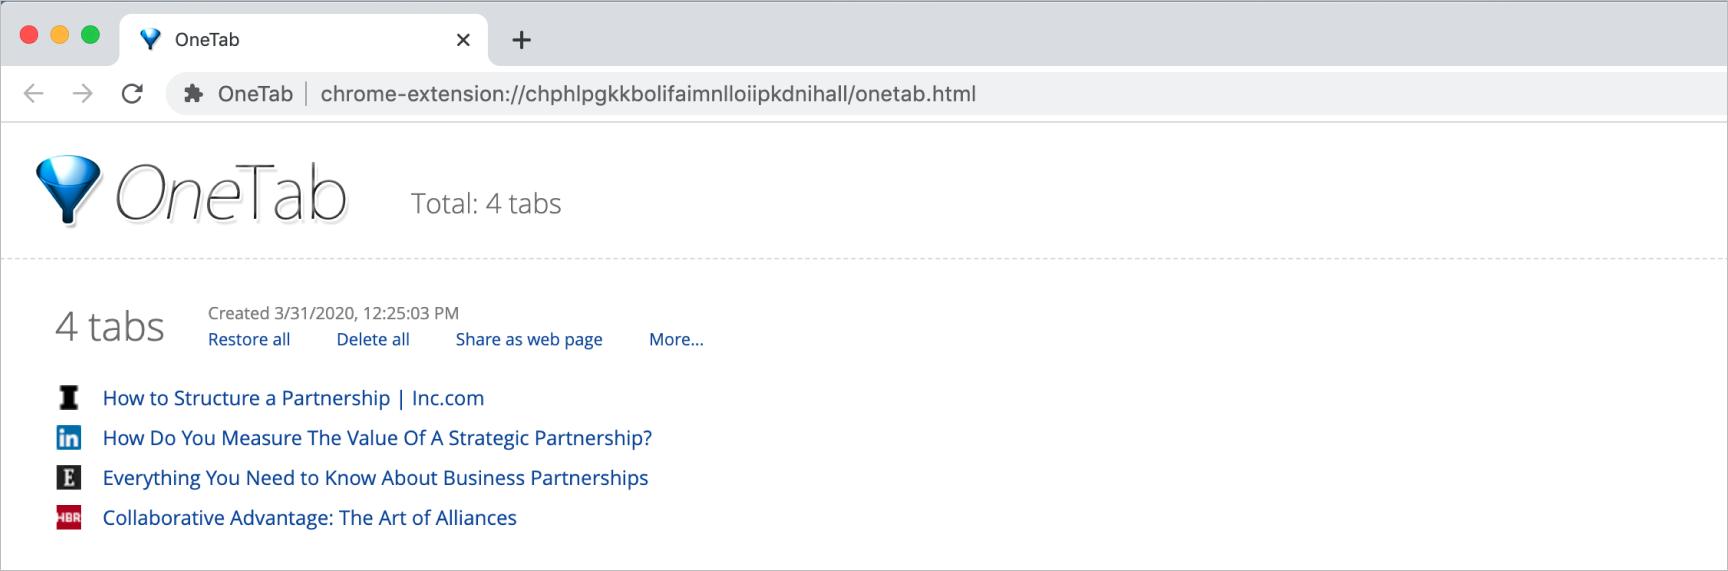 OneTab interface screenshot